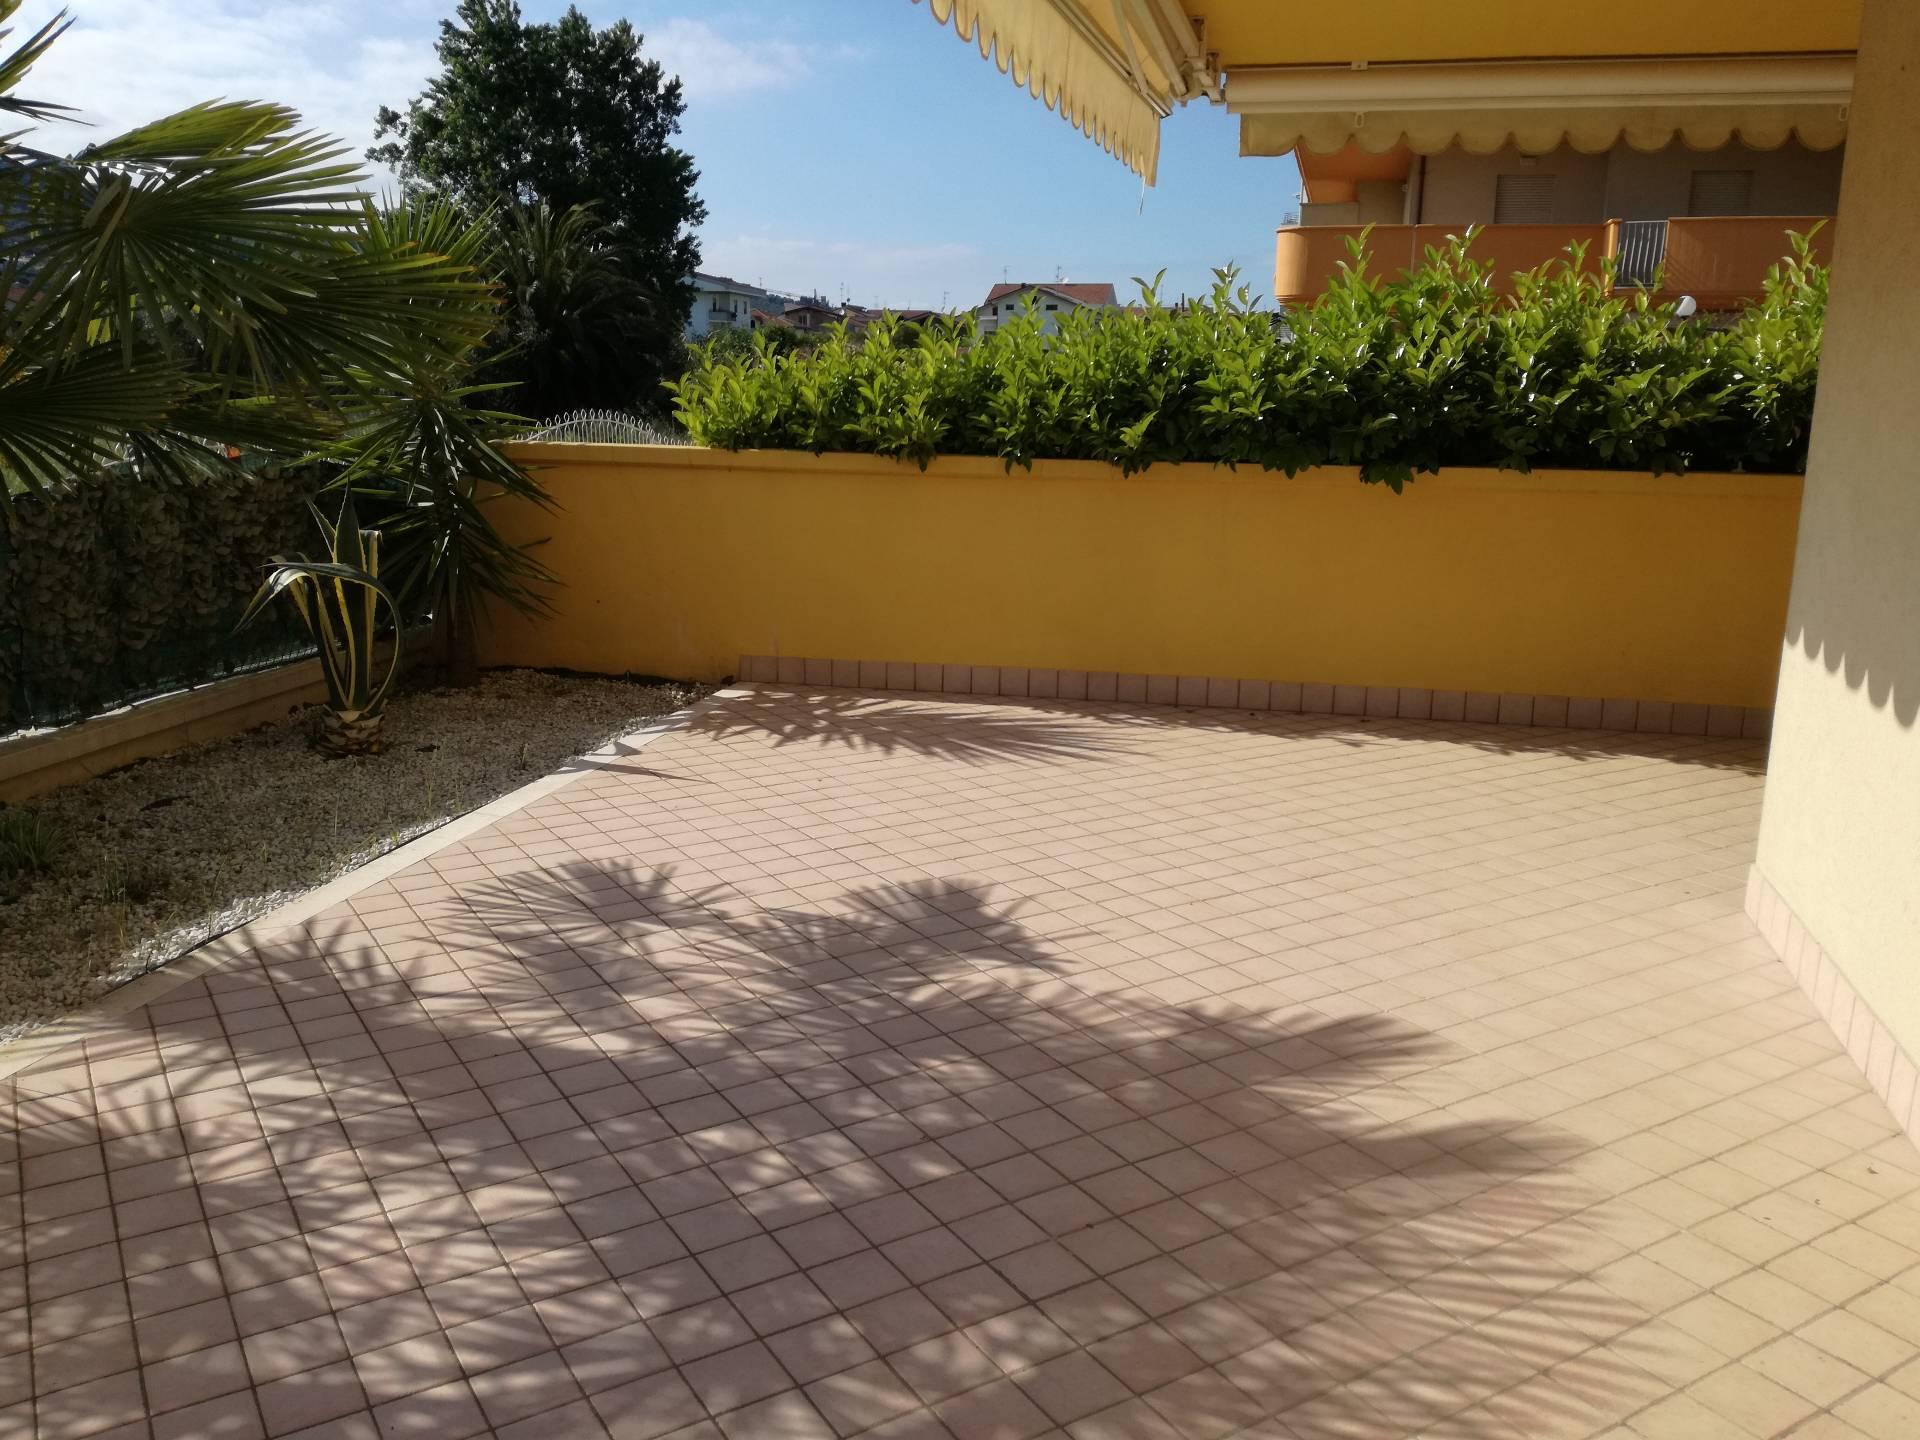 Appartamento in vendita a Tortoreto, 4 locali, zona Località: TortoretoLido, prezzo € 165.000   CambioCasa.it